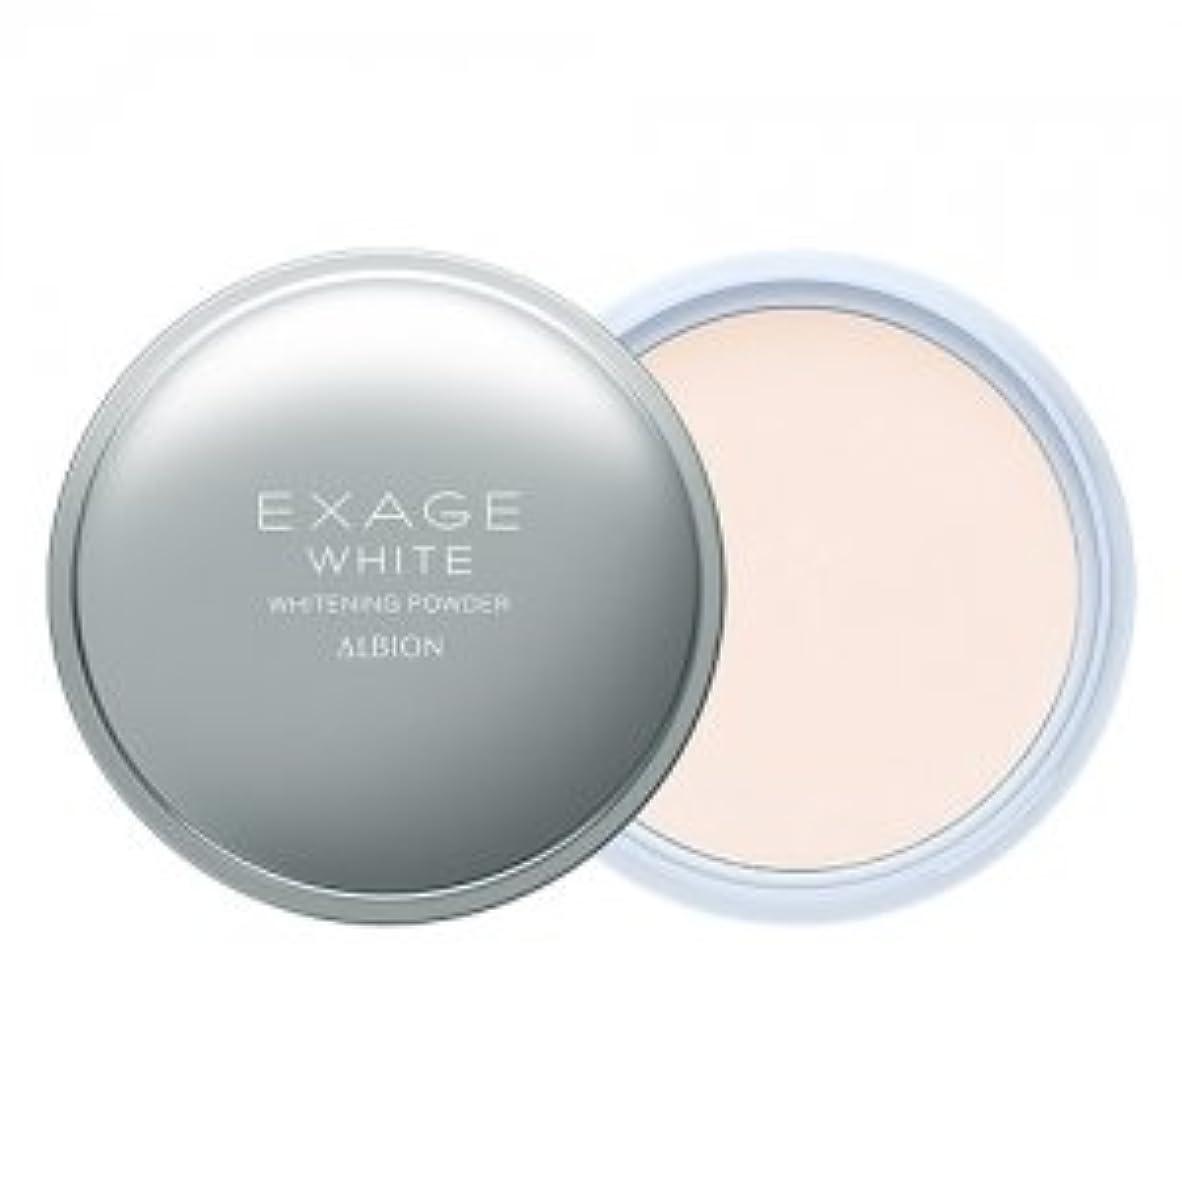 内向きフィルタありふれたALBION (アルビオン) EXAGE WHITE エクサージュホワイト ホワイトニング パウダー 18g